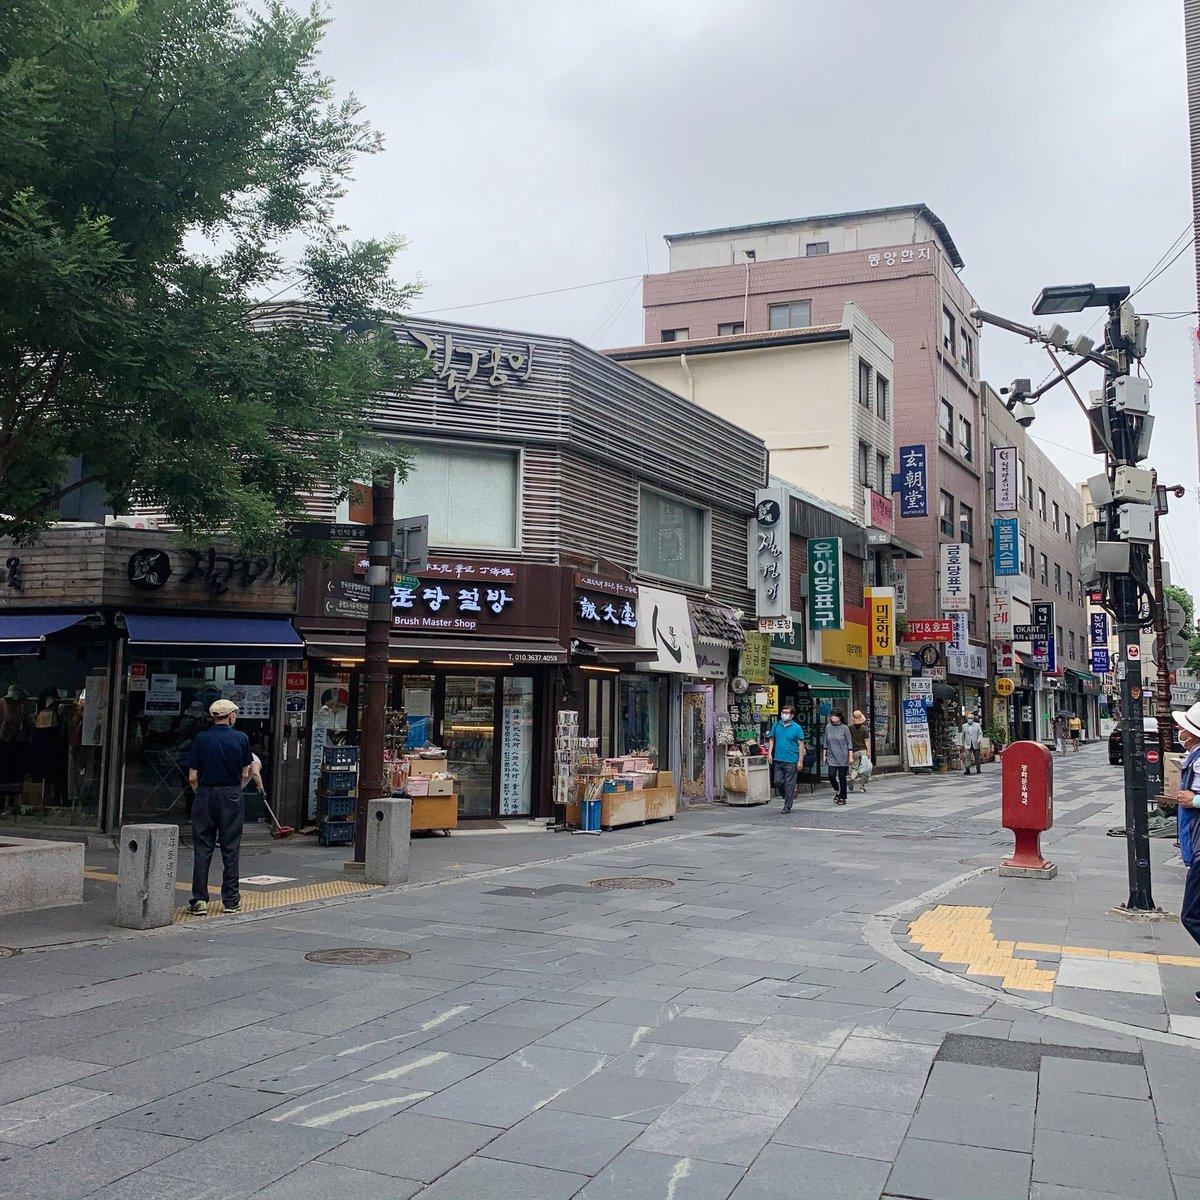 มาอินซาดงในวันธรรมดาช่วงนี้ก็จะเงียบเหงาหน่อย ๆ🥺 บรรยากาศต่างจากปกติมากเลยค่ะ หรือคนเกาหลีเค้ายังไม่ตื่นกันน้า~😴  #รีวิวเกาหลี #เที่ยวเกาหลี #อินซาดง #เกาหลี #คาเฟ่เกาหลี https://t.co/xgwmvjq7T8